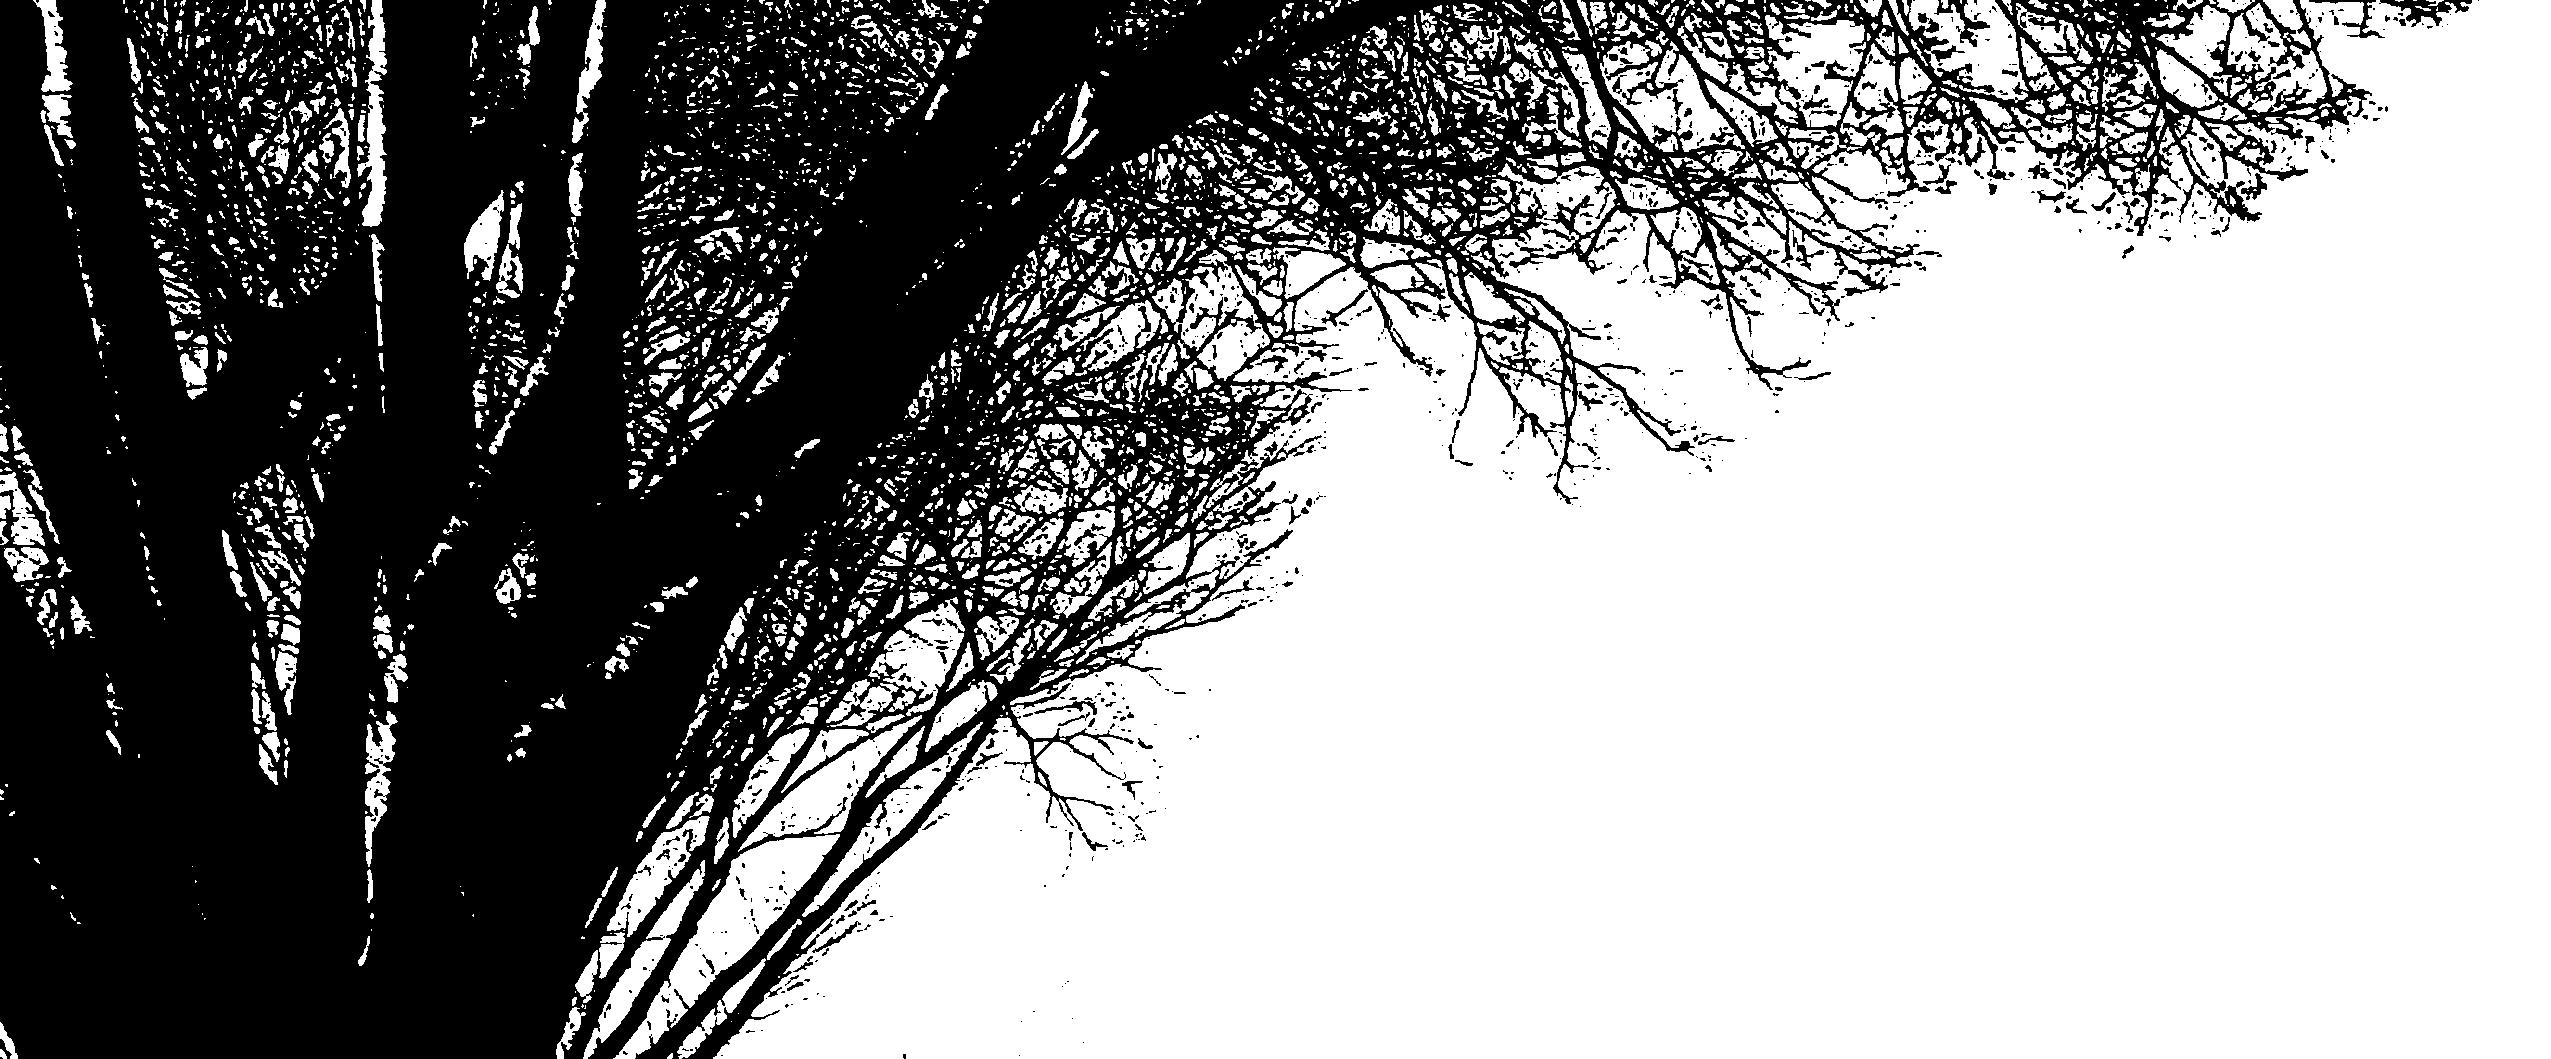 木のシルエット4 Tiff